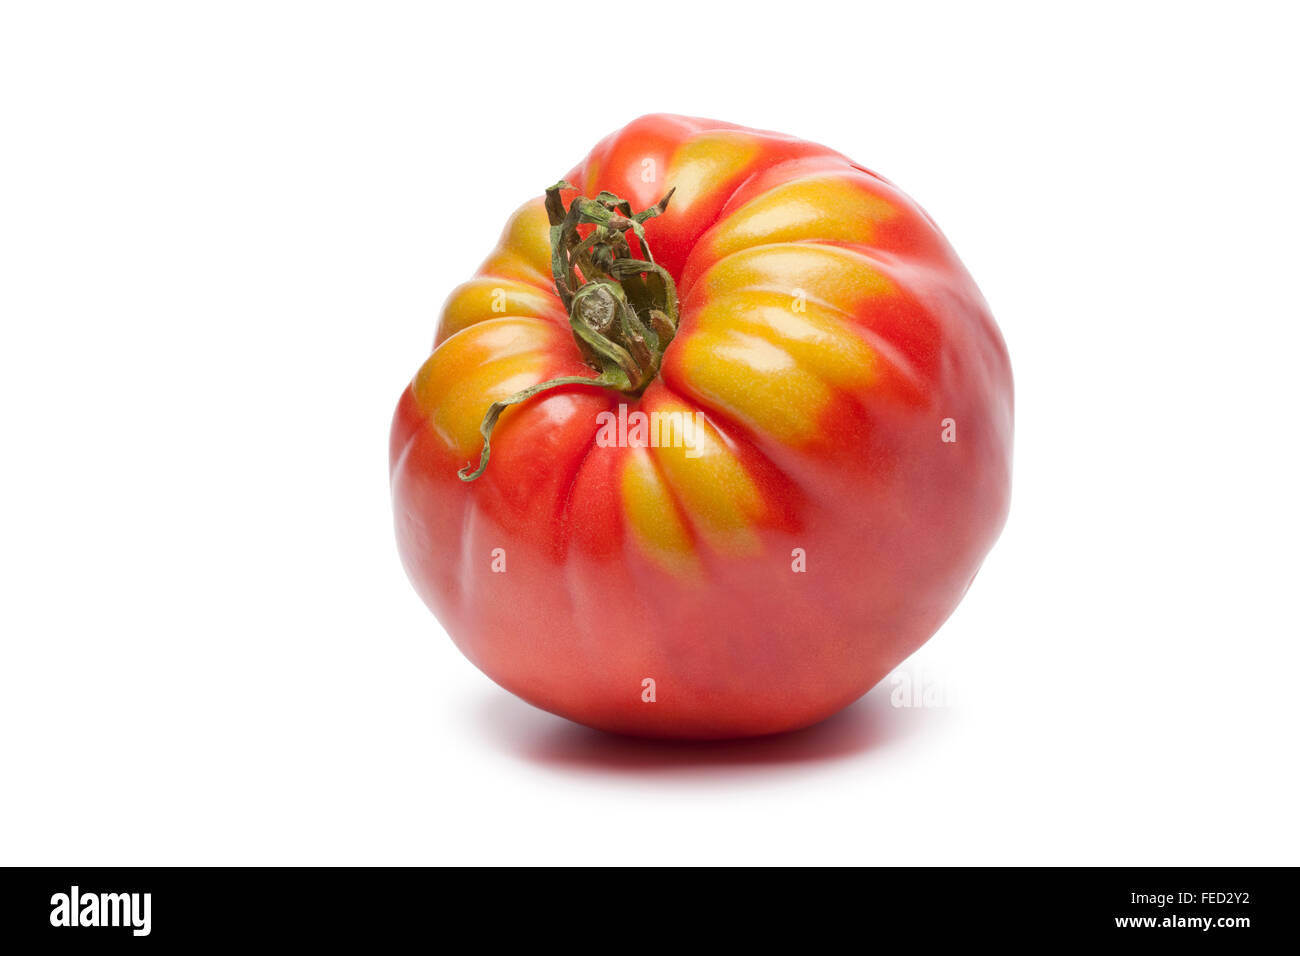 Fresh single Coeur de Boeuf tomato on white background - Stock Image